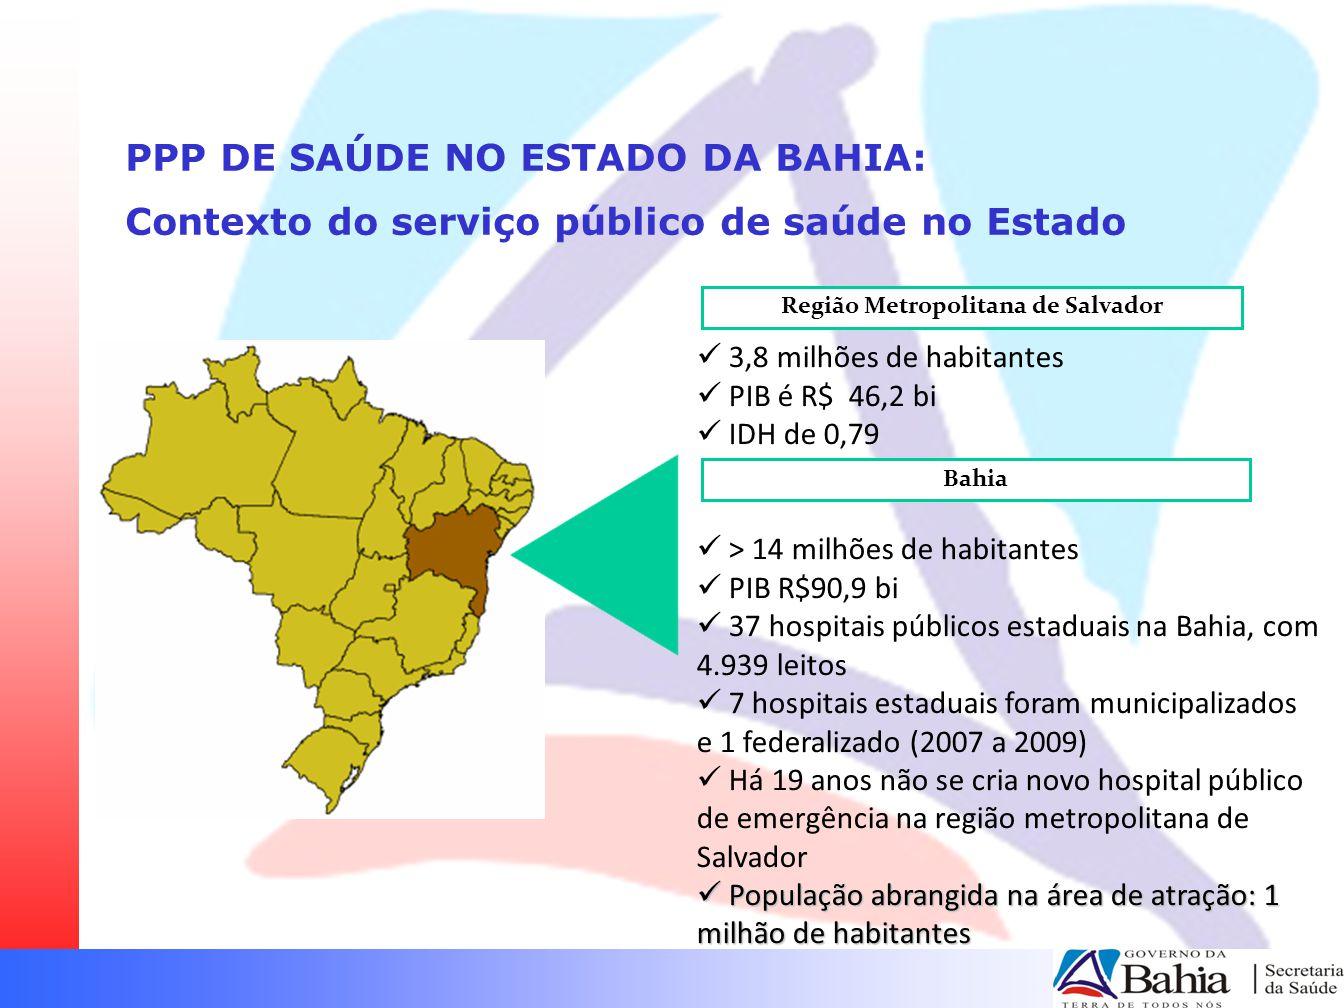 PPP DE SAÚDE NO ESTADO DA BAHIA: Contexto do serviço público de saúde no Estado 3,8 milhões de habitantes PIB é R$ 46,2 bi IDH de 0,79 > 14 milhões de